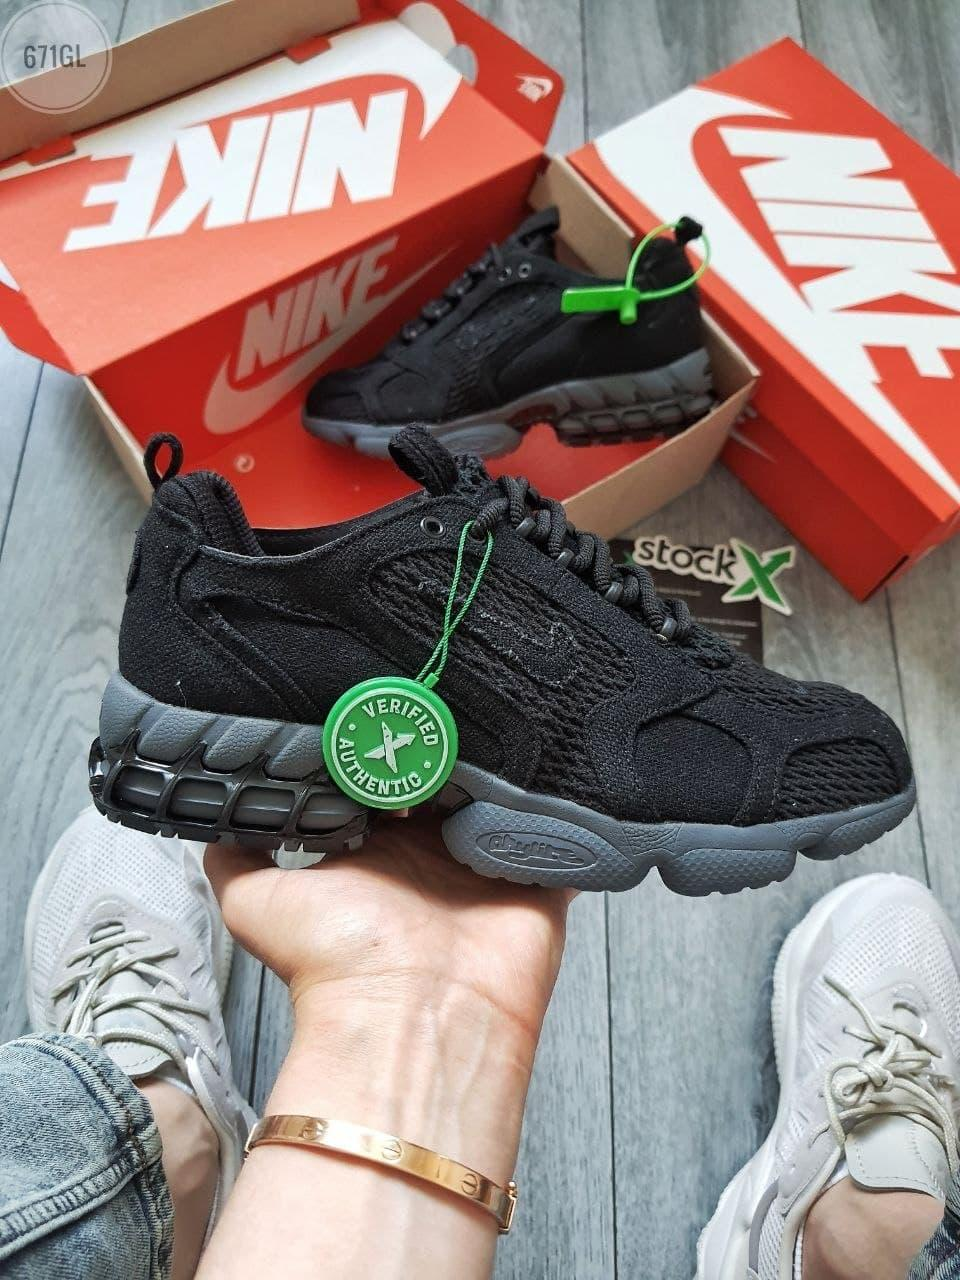 Жіночі кросівки Nike Air Zoom Spiridon Caged Stussy (чорні) кроси в сіточку 671GL